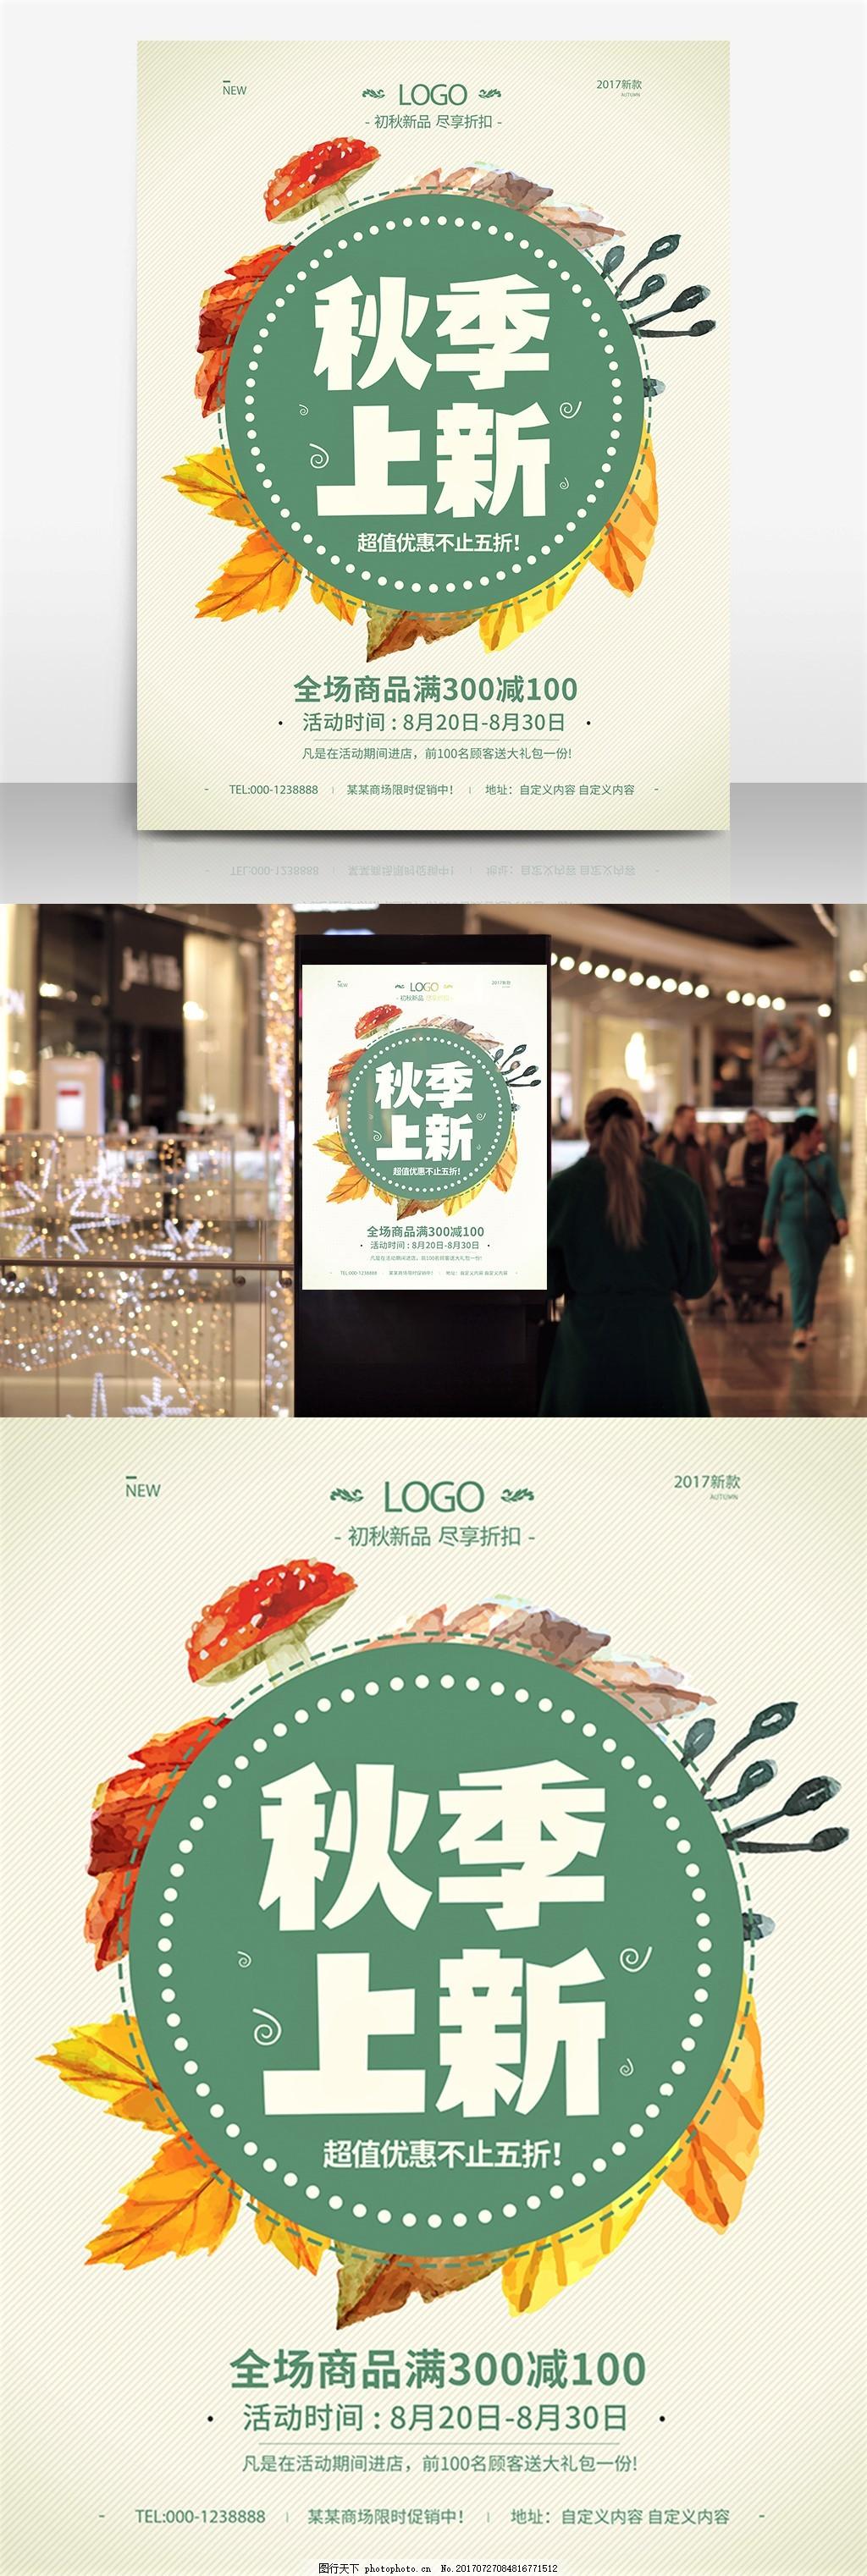 初秋上新商场促销宣传海报 秋季新品 新品上市 秋季海报 清新 黄色